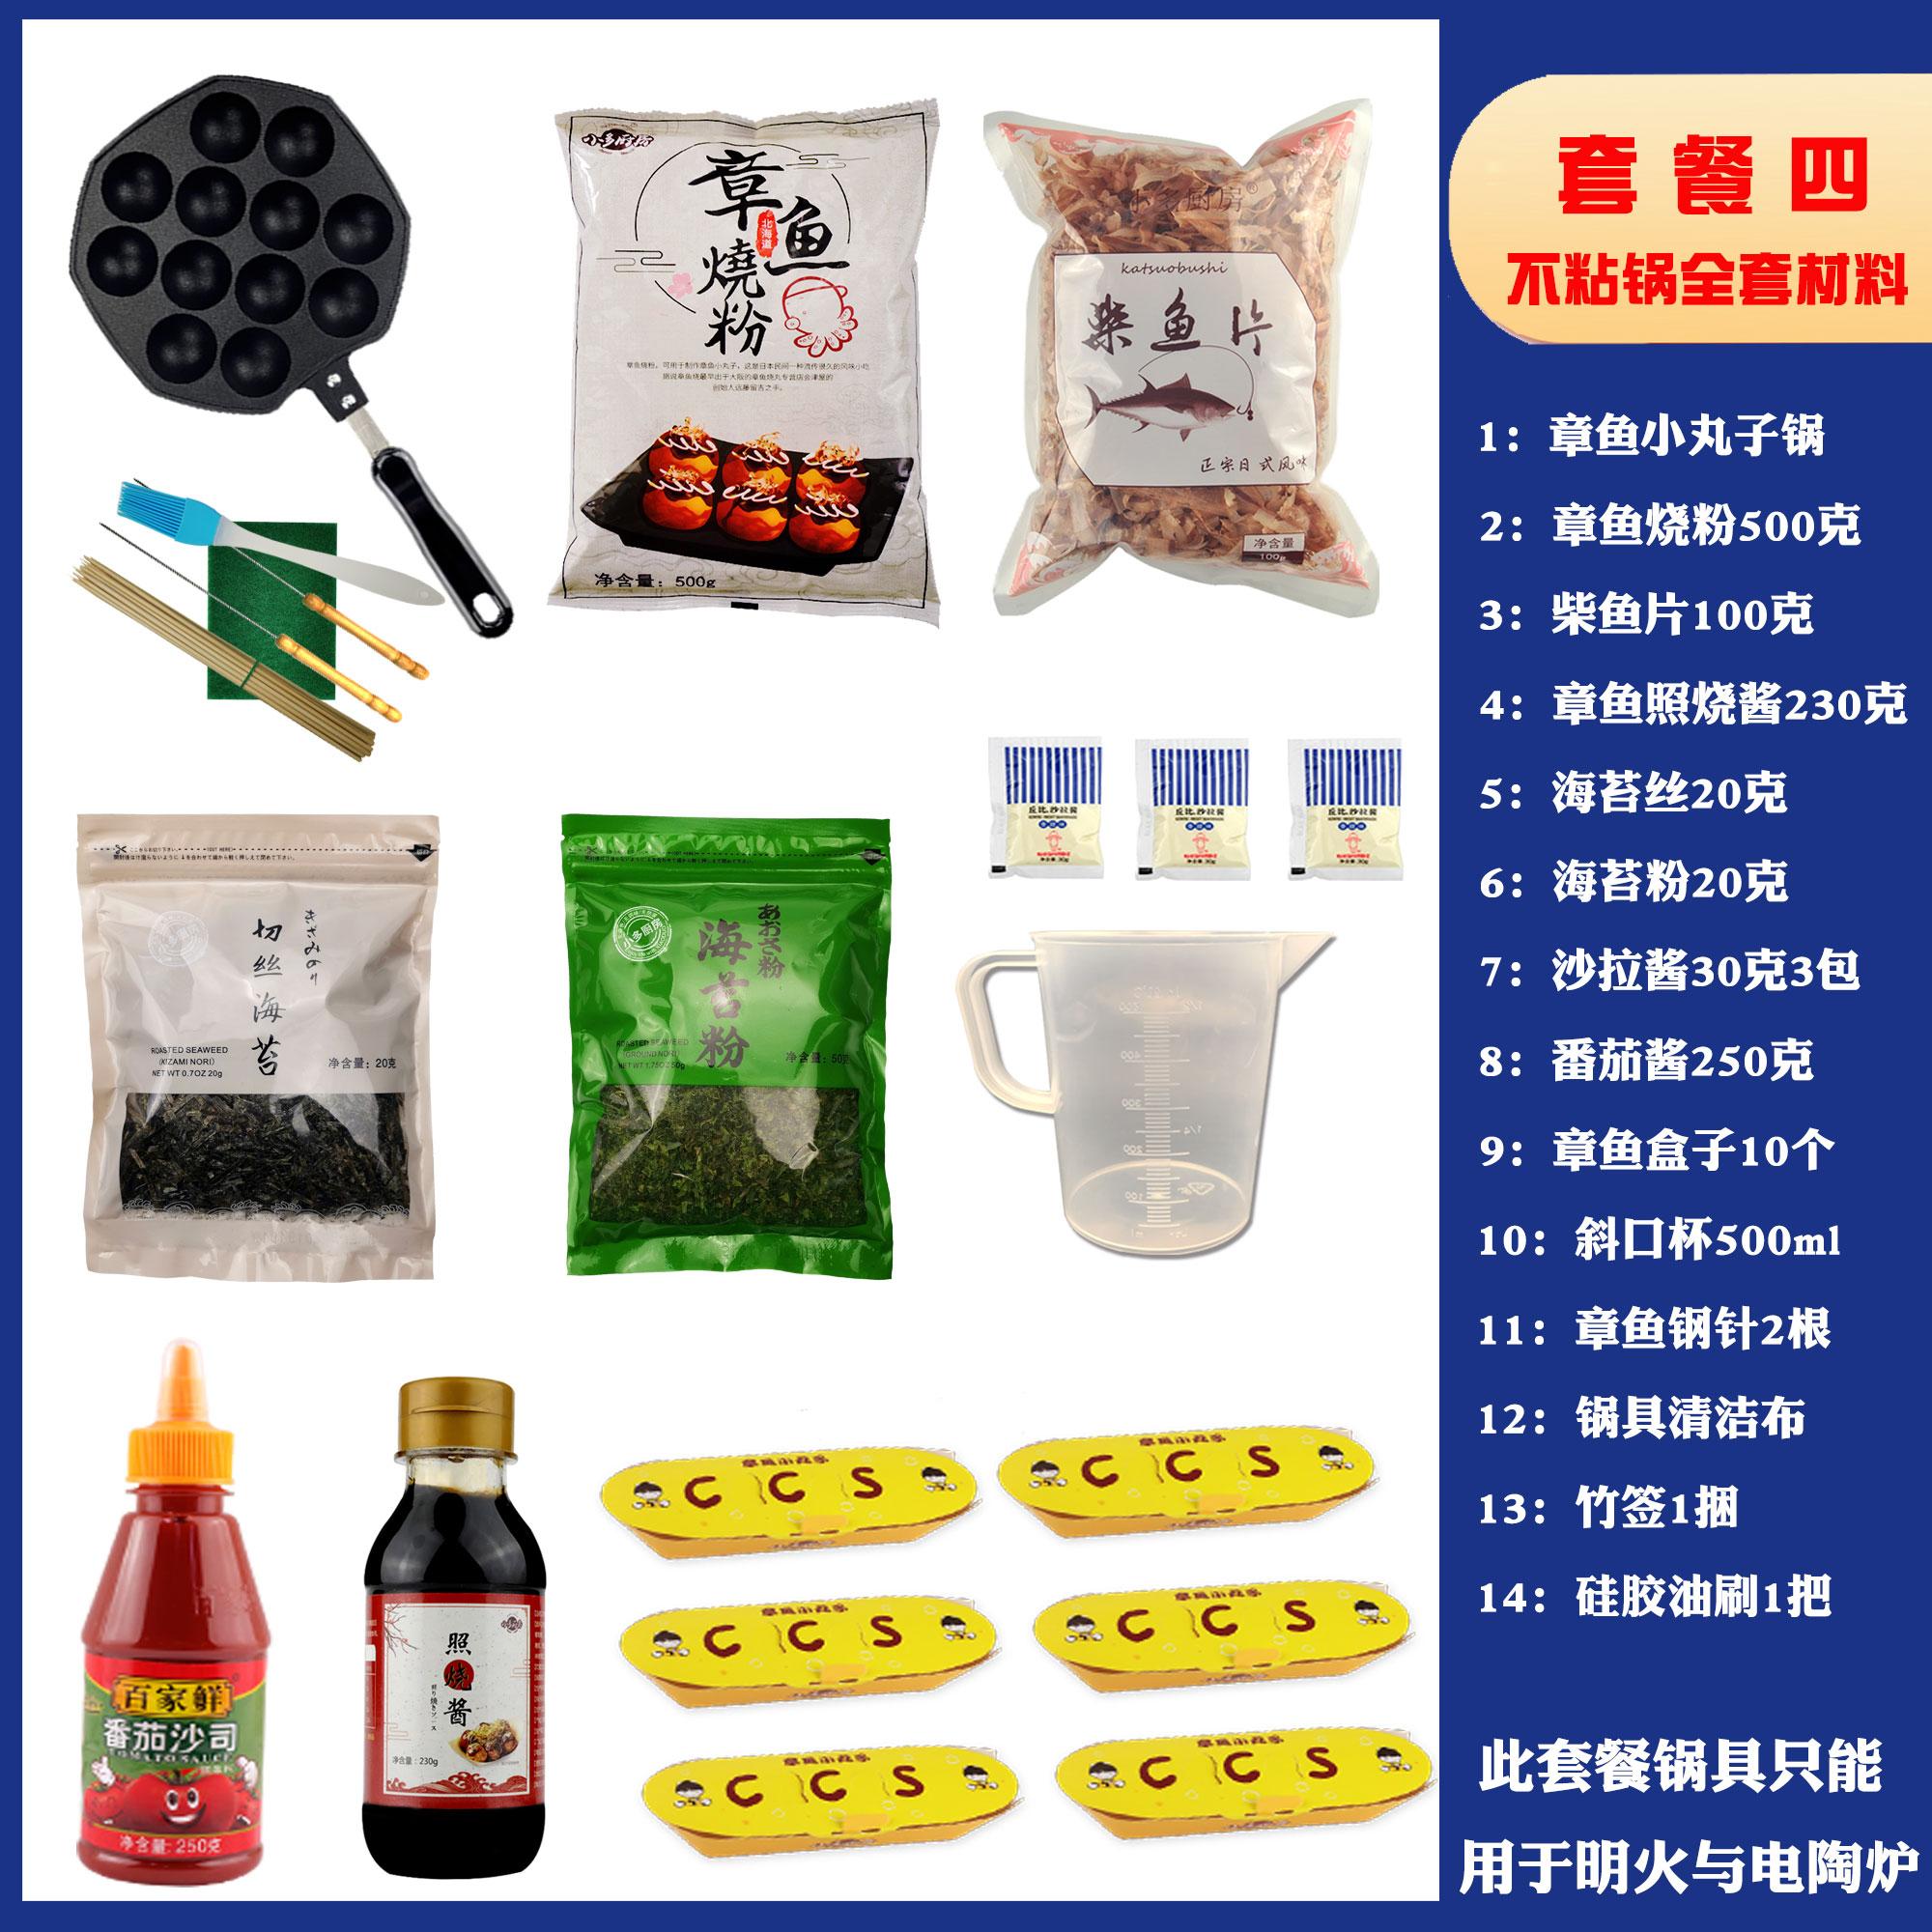 章鱼小丸子材料套餐大阪烧食材装烤盘钢针工具木鱼花包邮购买就送